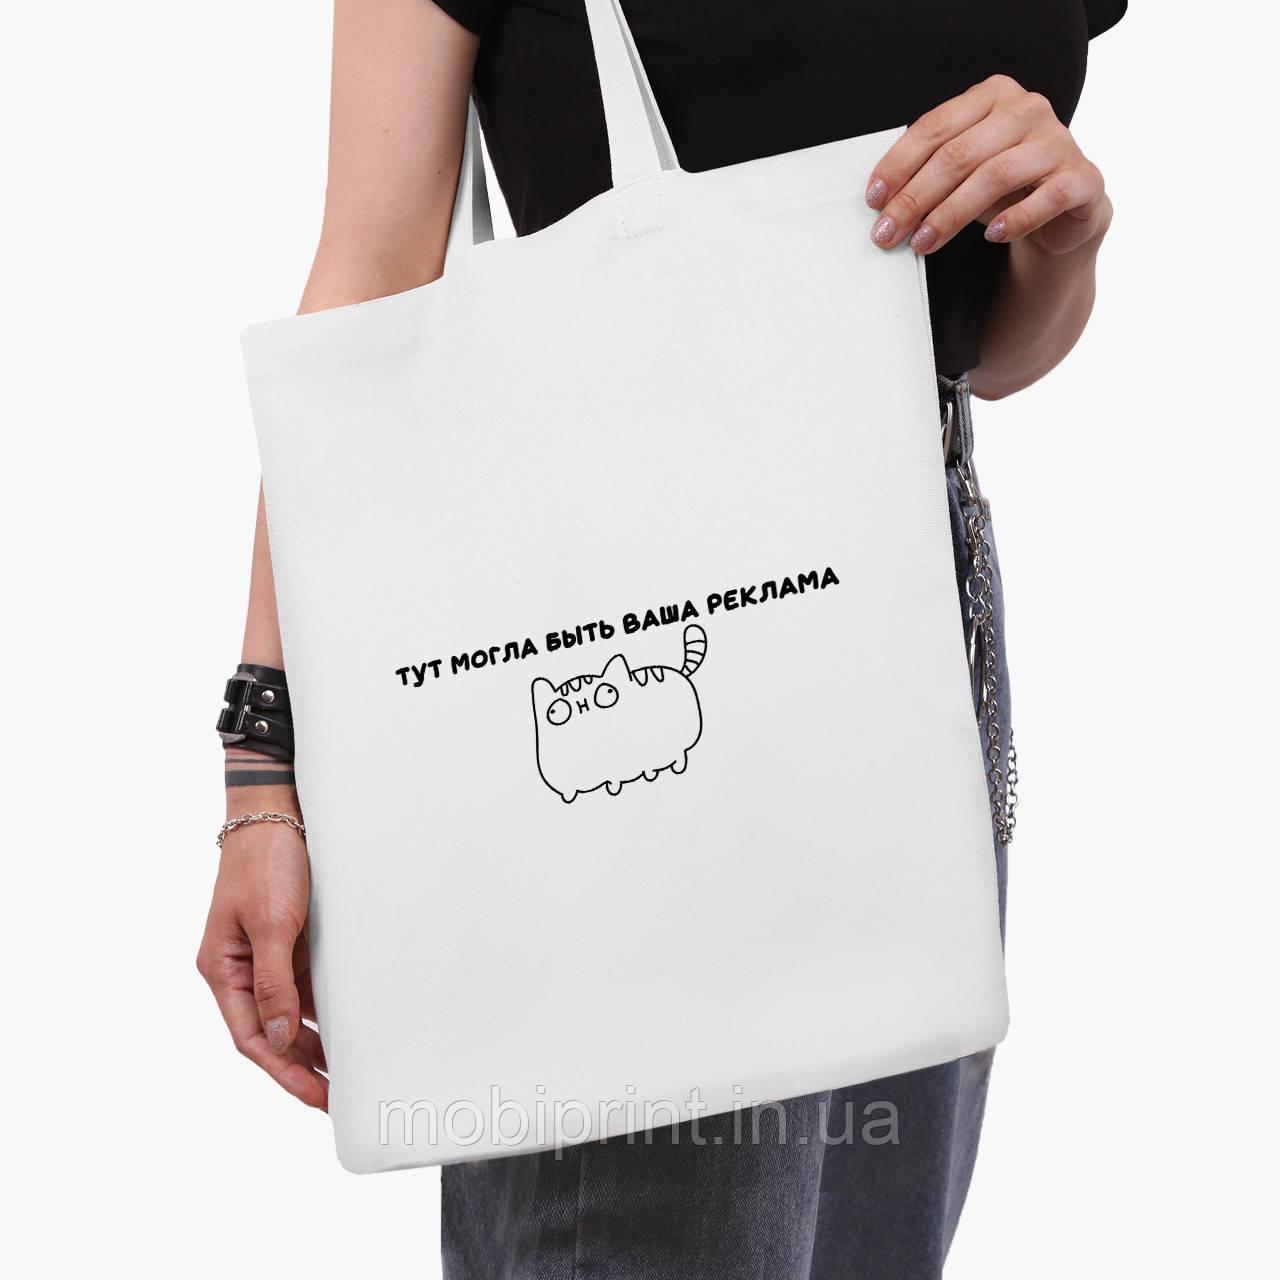 Эко сумка шоппер белая Тут могла быть ваша реклама (Your ad could be here) (9227-1366-3)  41*35 см